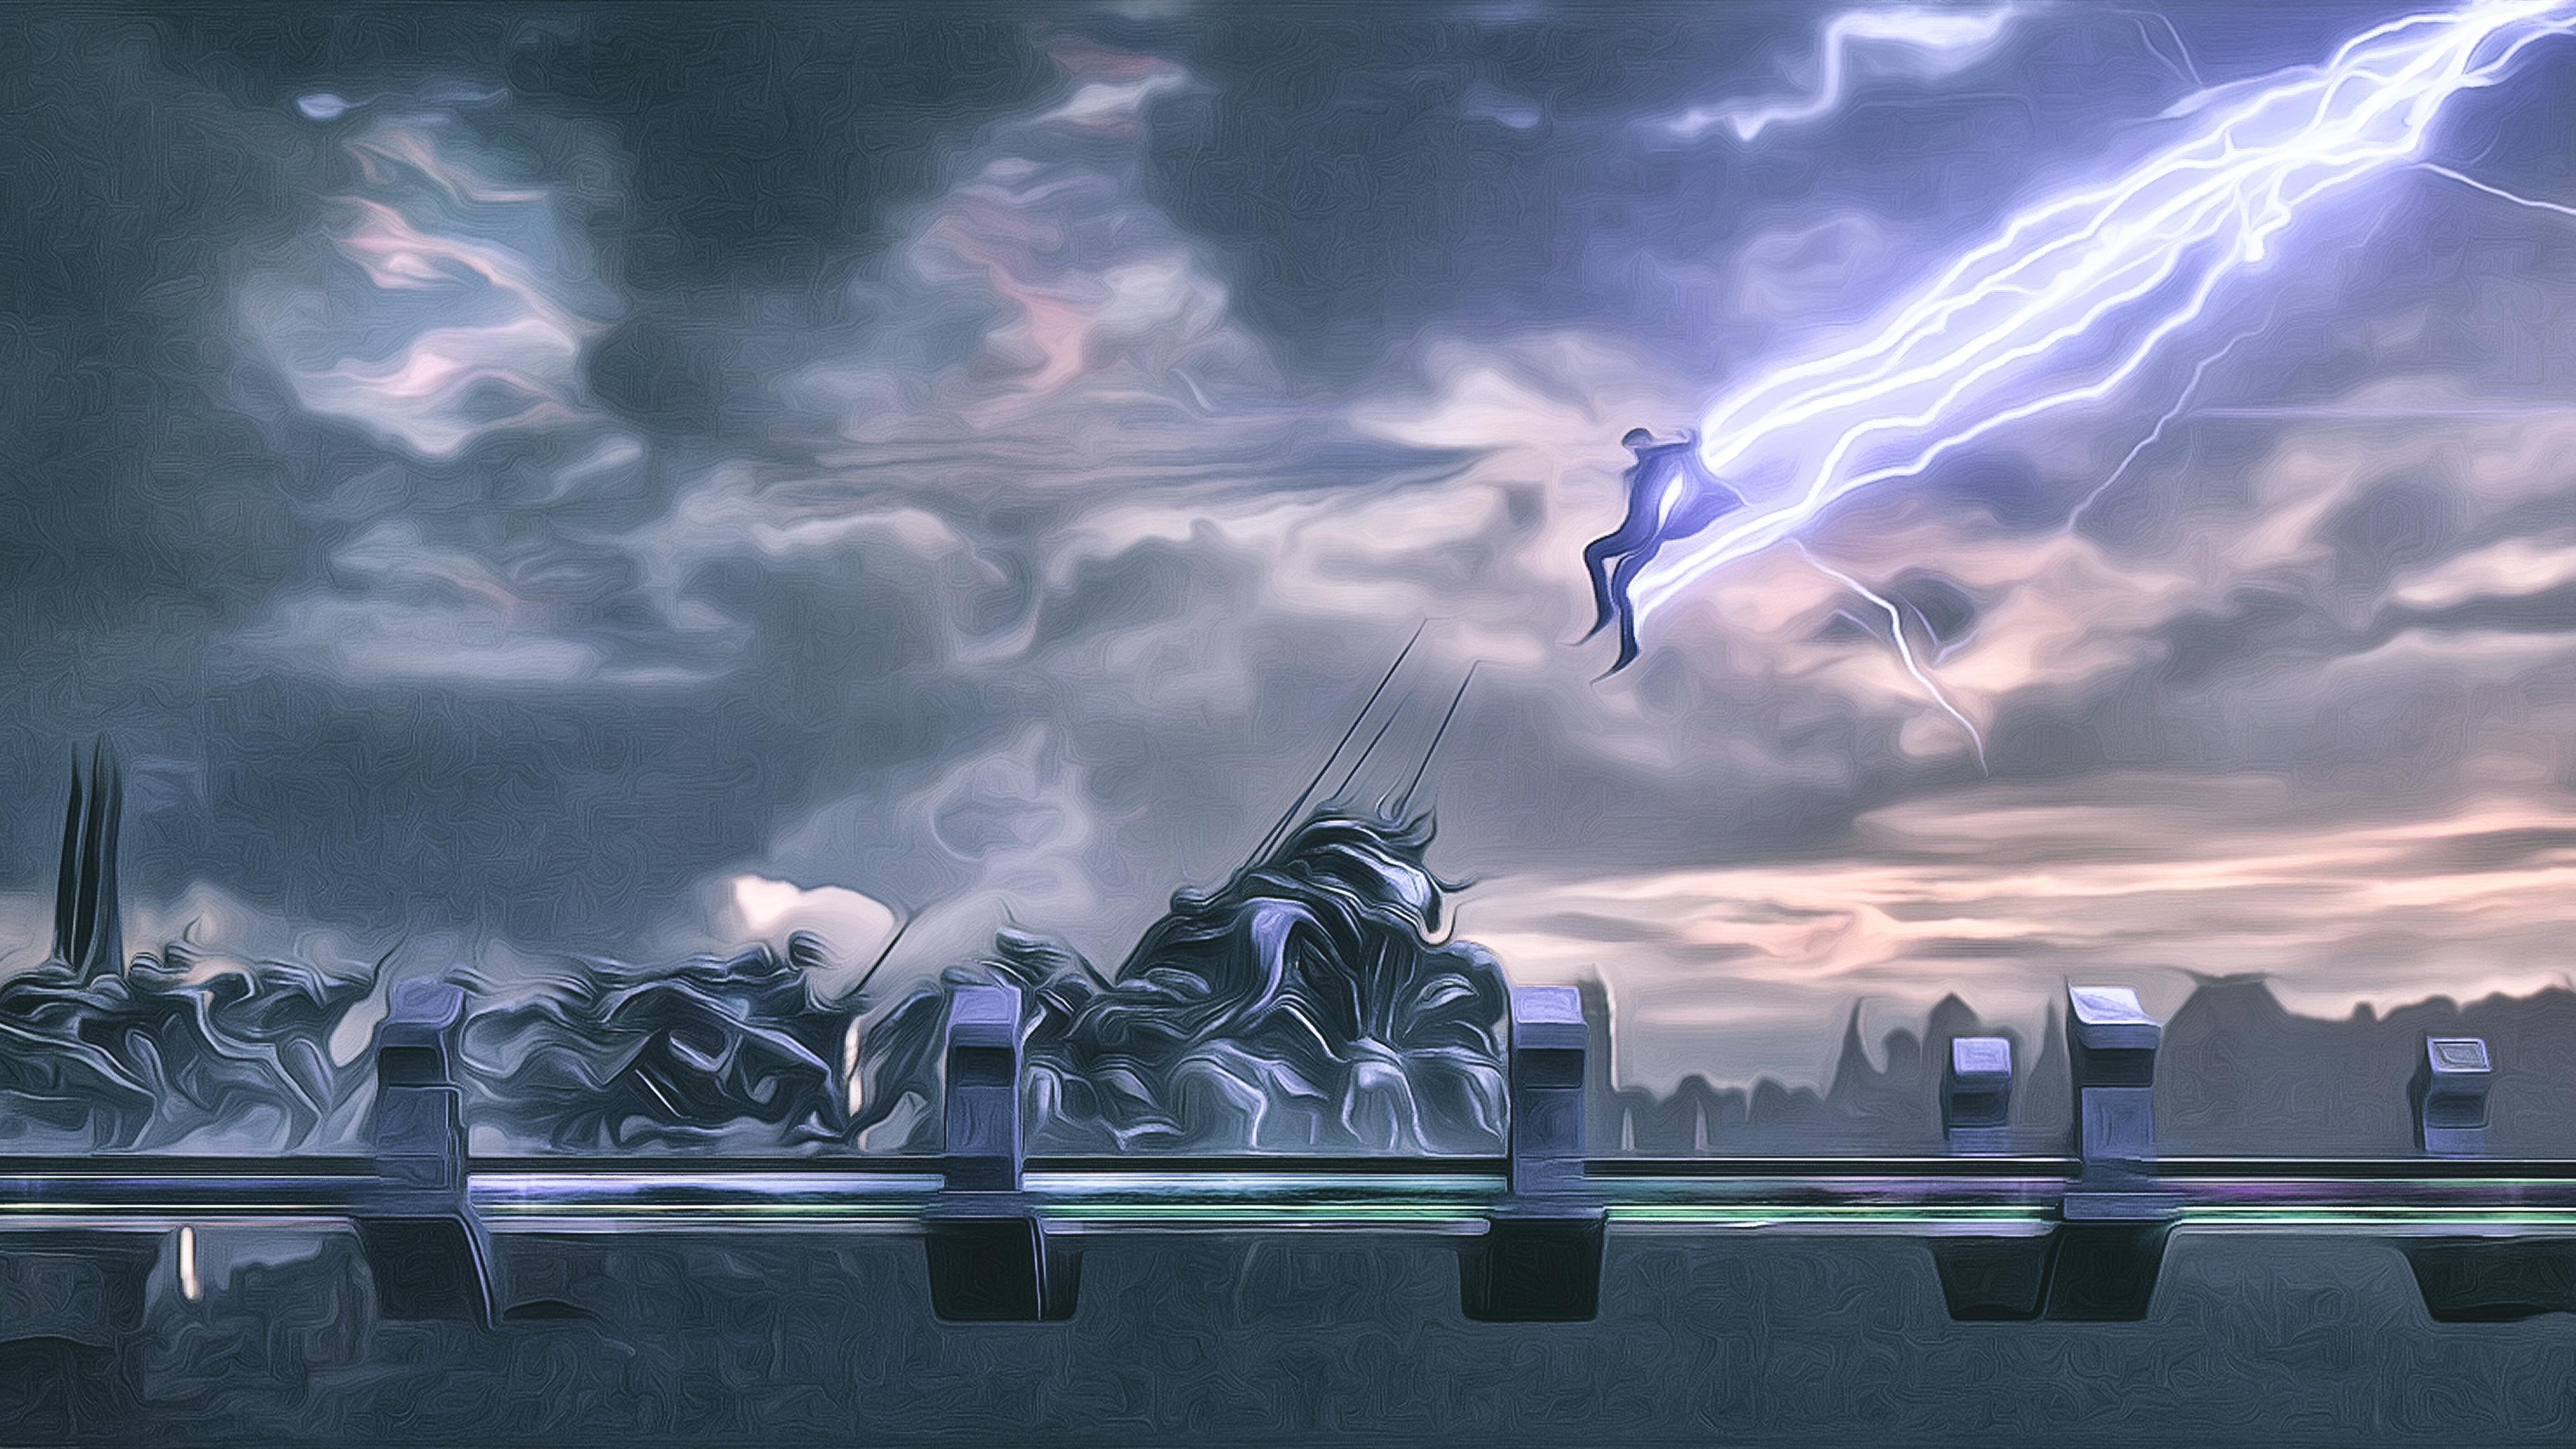 thor god of thunder 4k artwork 1544923182 - Thor God Of Thunder 4K Artwork - thor wallpapers, thor ragnarok wallpapers, hd-wallpapers, digital art wallpapers, deviantart wallpapers, 4k-wallpapers